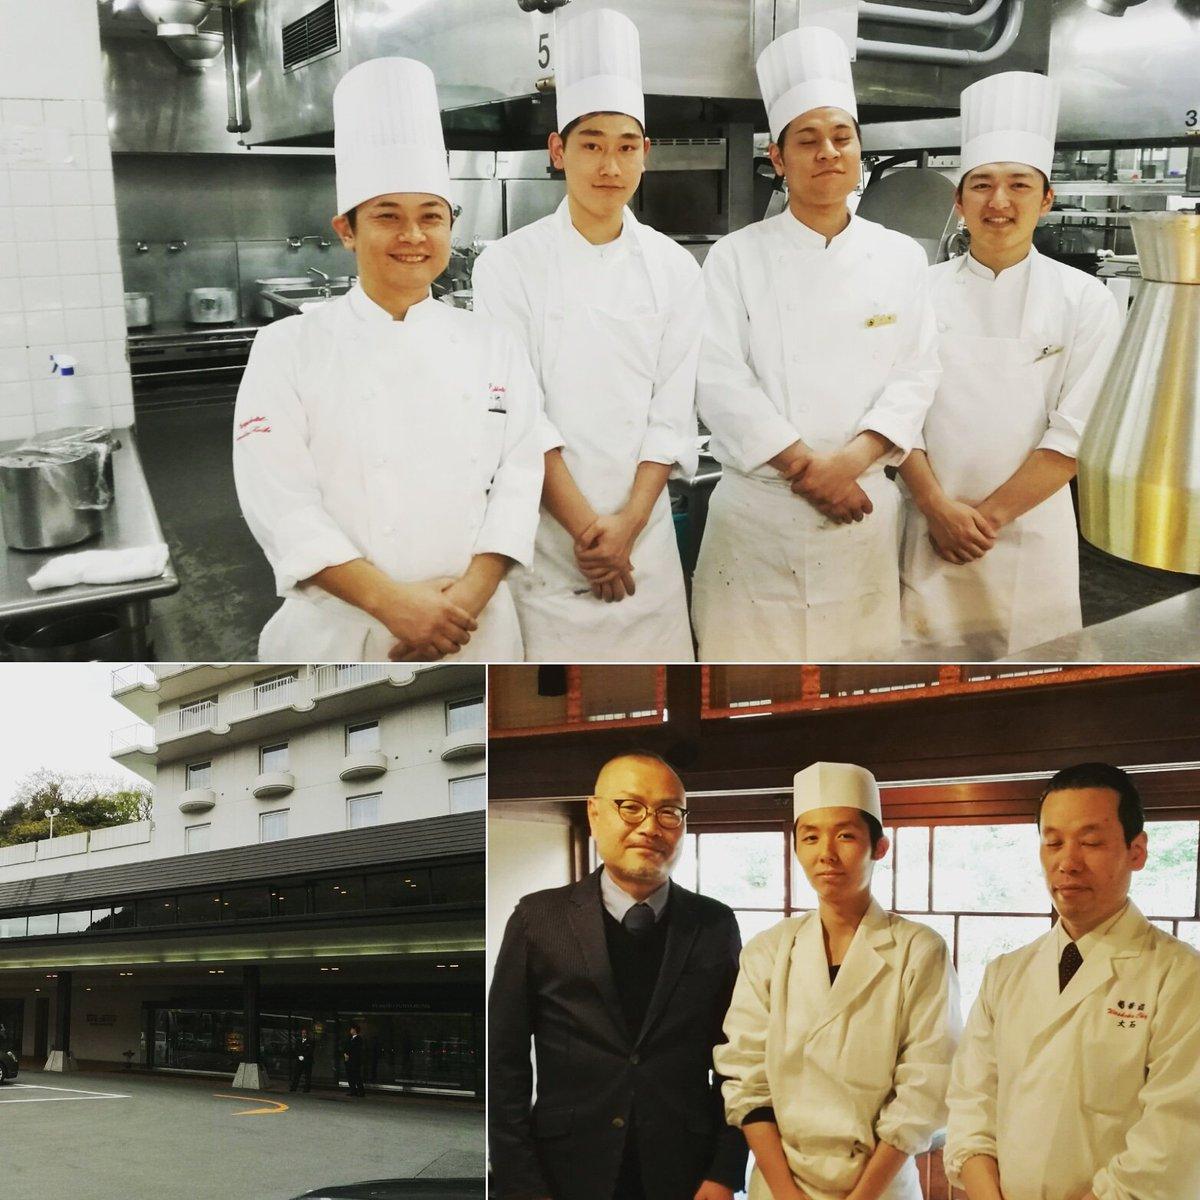 今年3月の卒業生4名就職でお世話になった富士屋ホテルグループ(箱根ホテル✨菊華荘✨湯元富士屋ホテル)へご挨拶と卒業生に会って来ました?料理長様も気さくで素晴らしい方々でした?